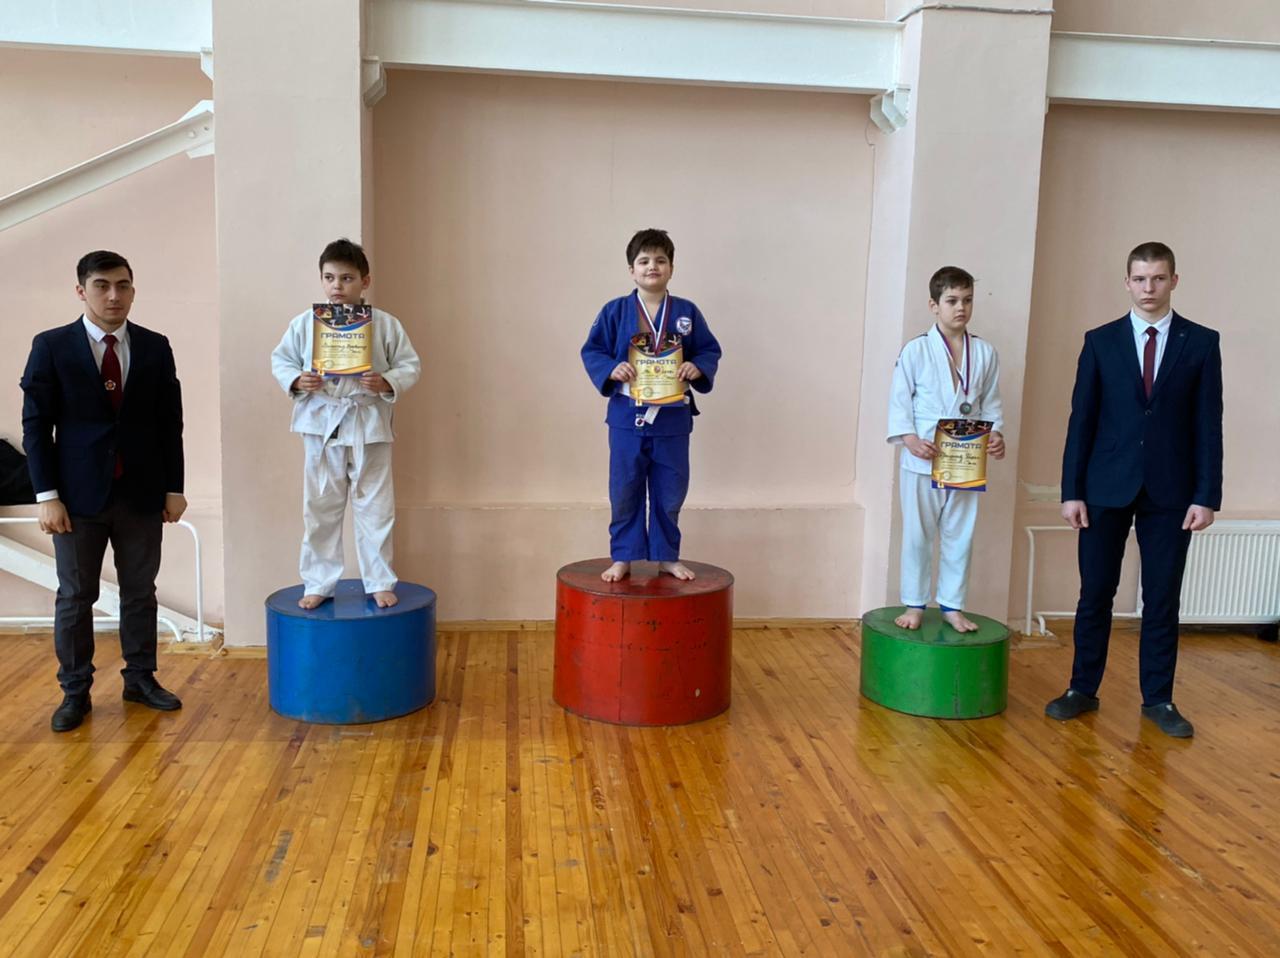 10-11 апреля в Туле п. Шатск проходил межрегиональный турнир по дзюдо, на котором успешно выступили пущинские дзюдоисты.